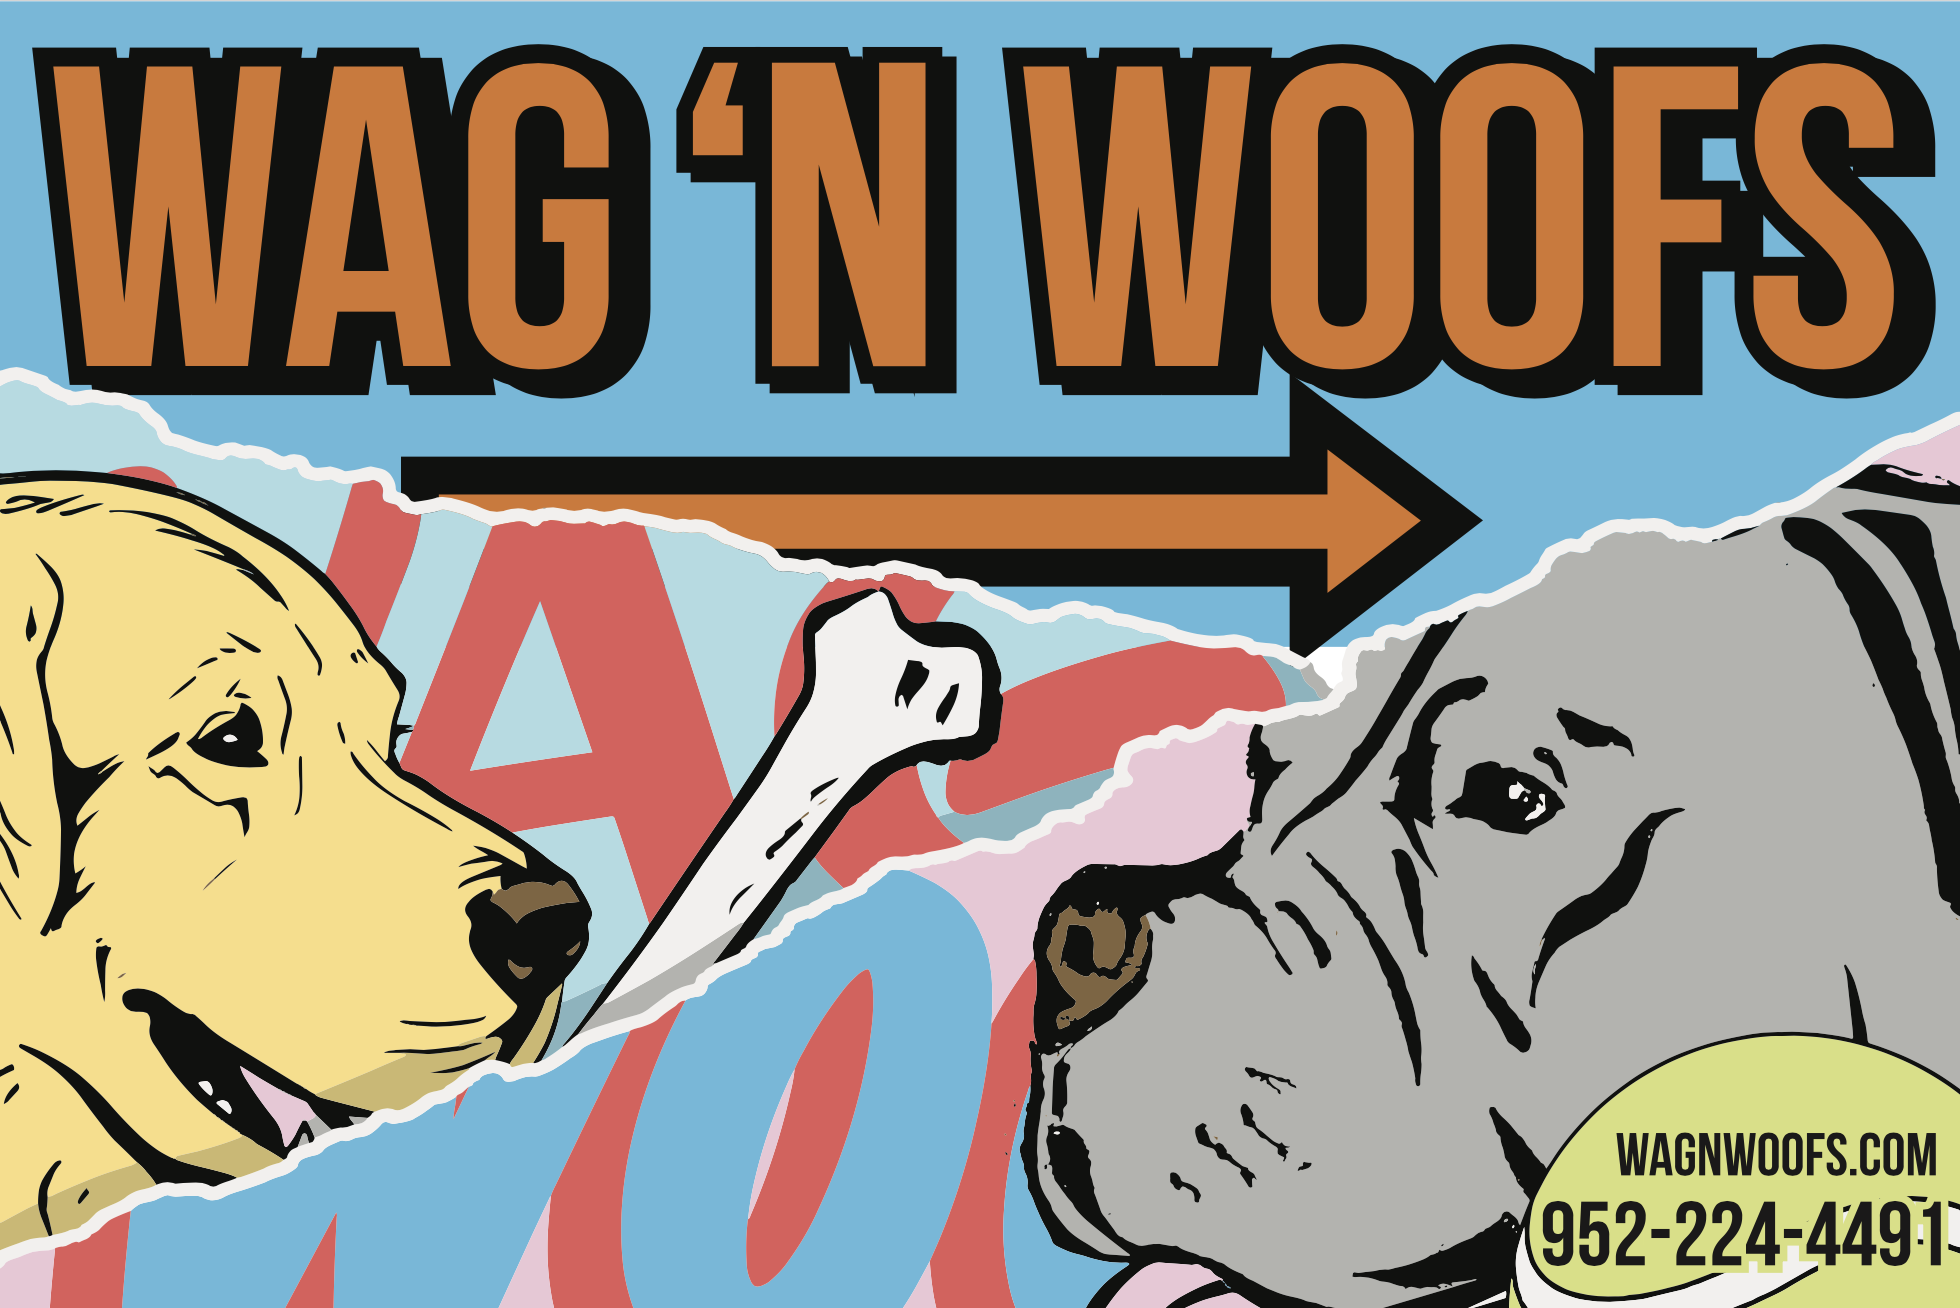 Wag 'N Woofs